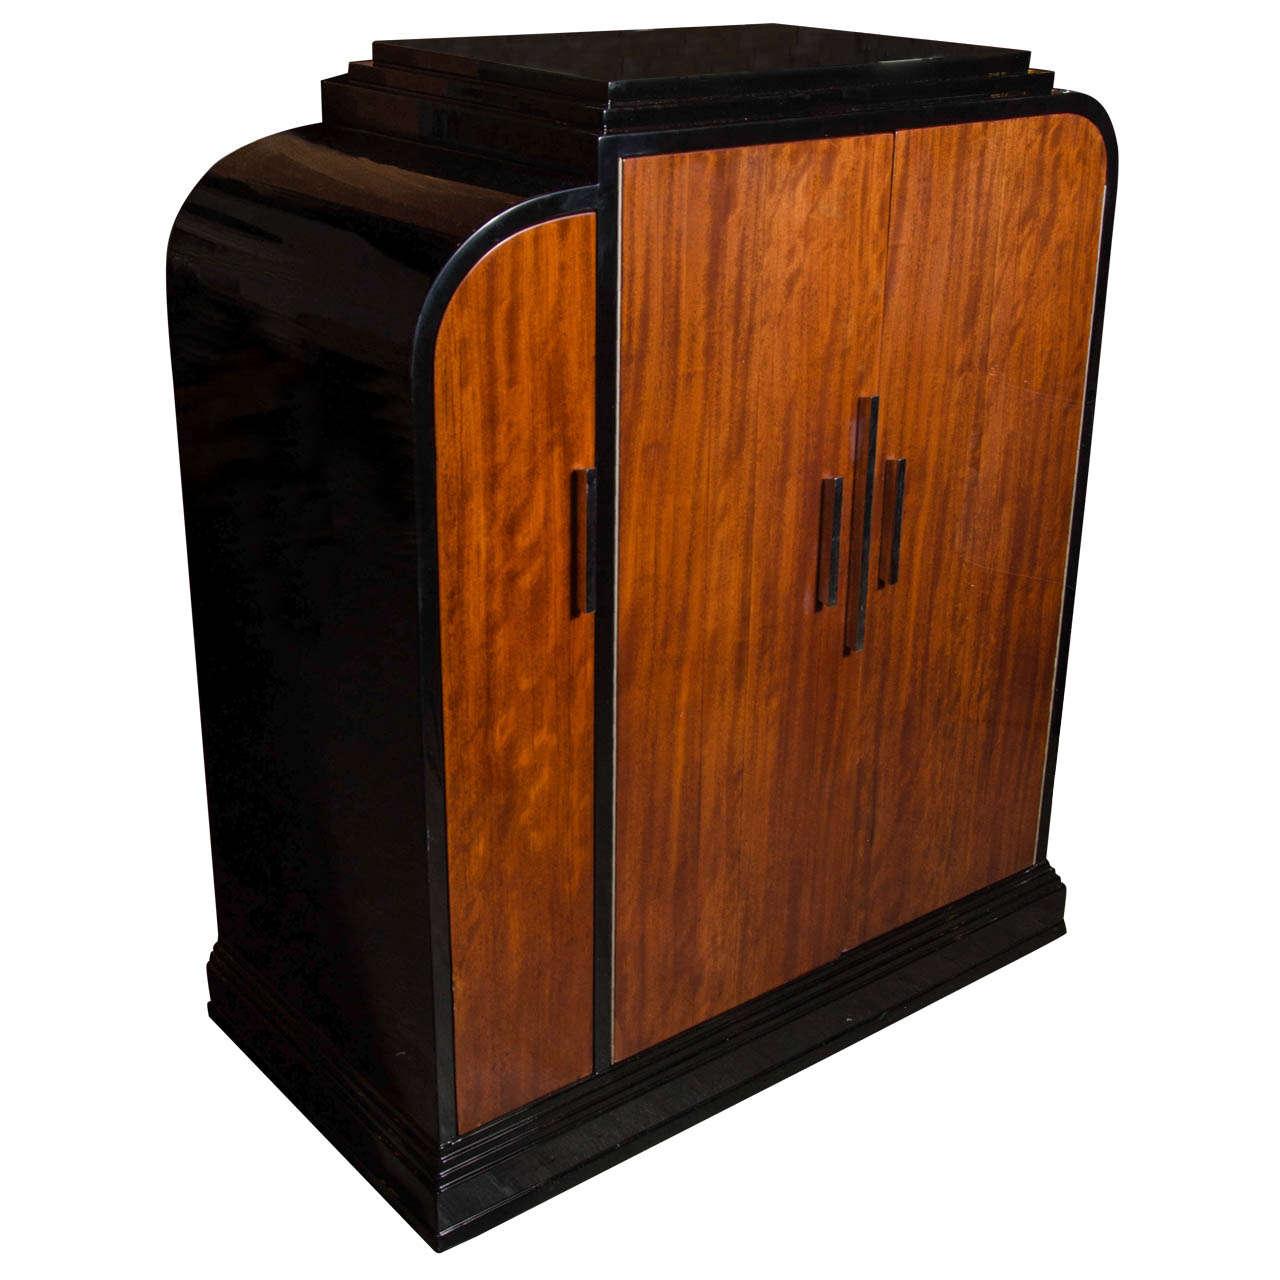 Streamline Art Deco Skyscraper Style Bar Cabinet In The